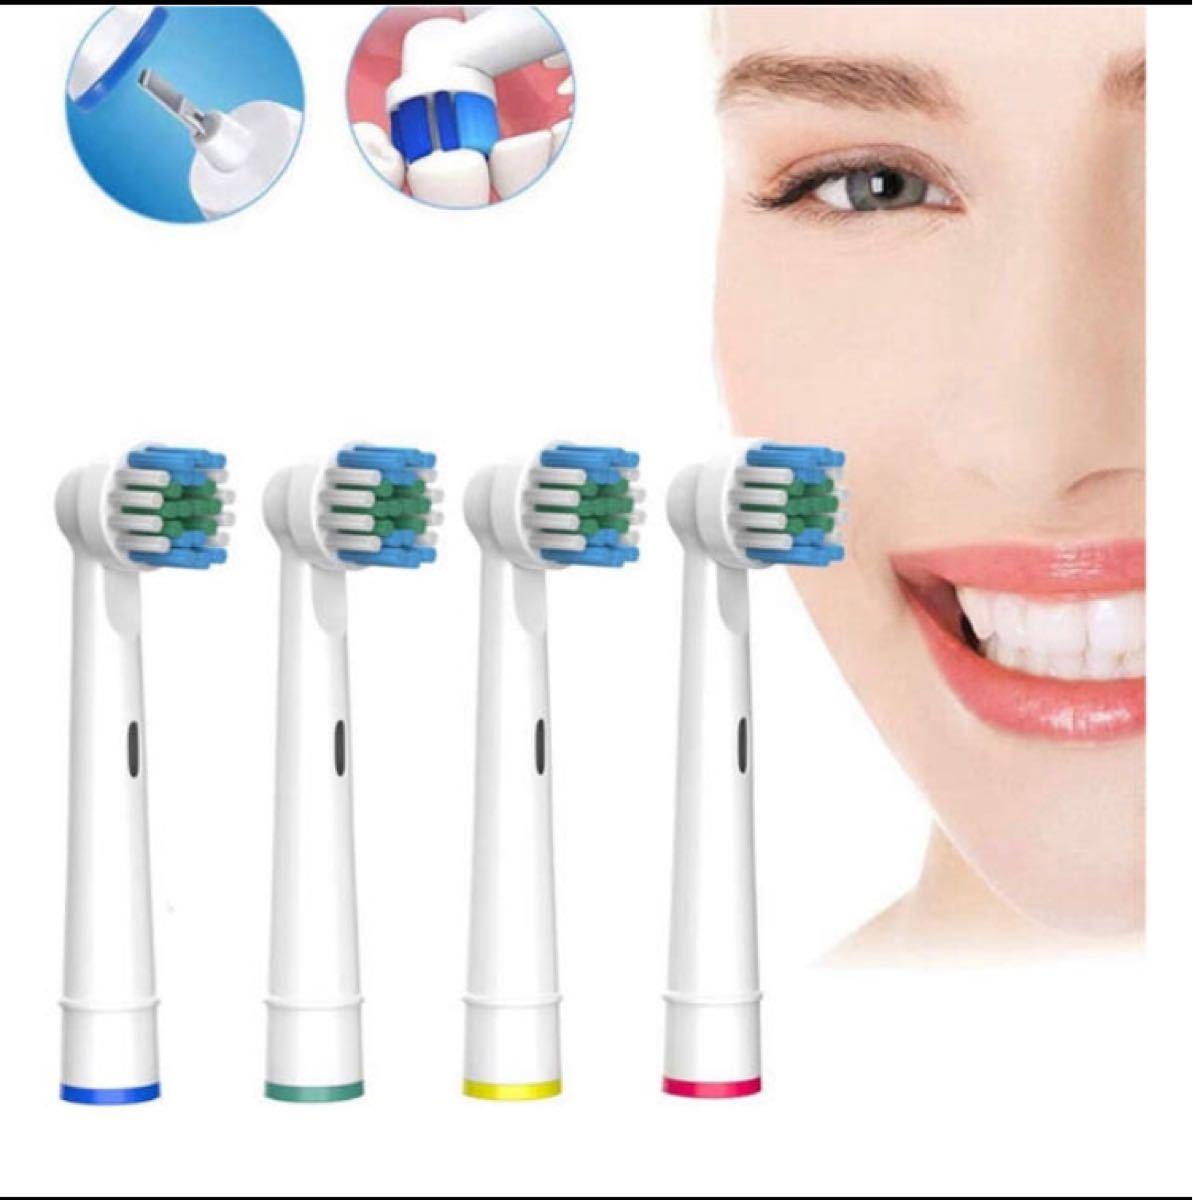 電動歯ブラシ 替えブラシ電動歯ブラシ交換ヘッド Oral-Bブラウン歯ブラシと互換 替ブラシ 8本セット